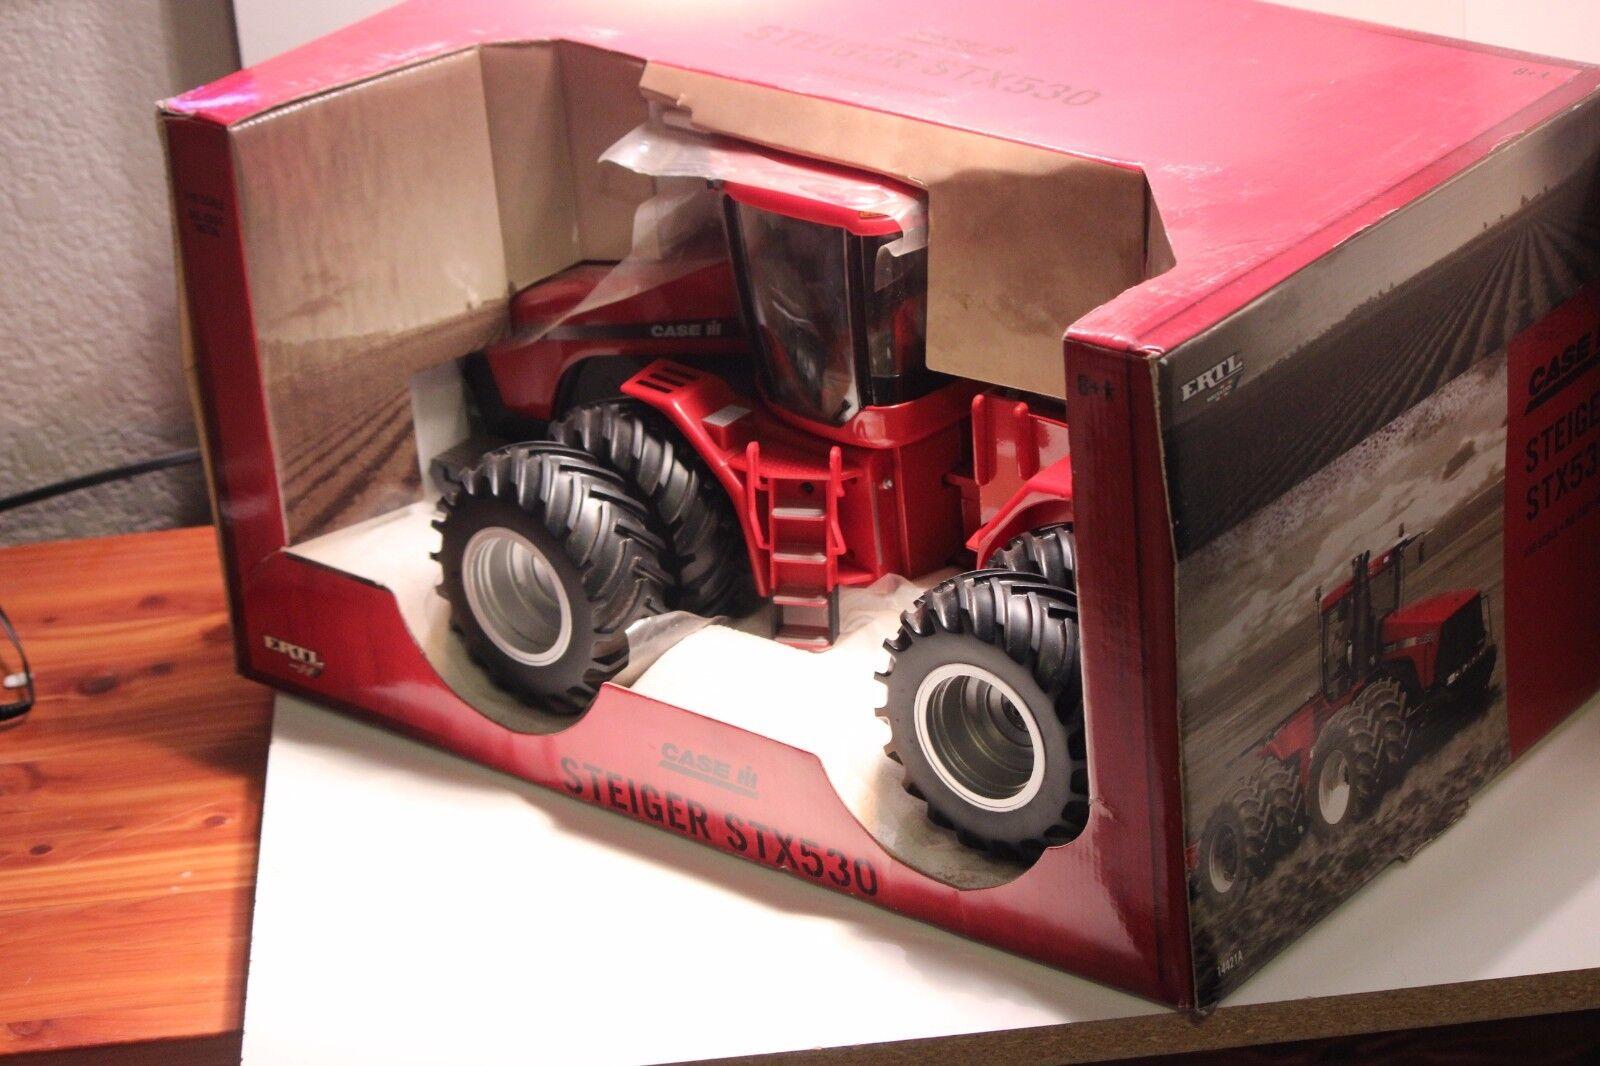 Ertl Ertl Ertl 1 16 Case IH International STX530 Collector Edition CE Tractor 4wd Steiger bd3780